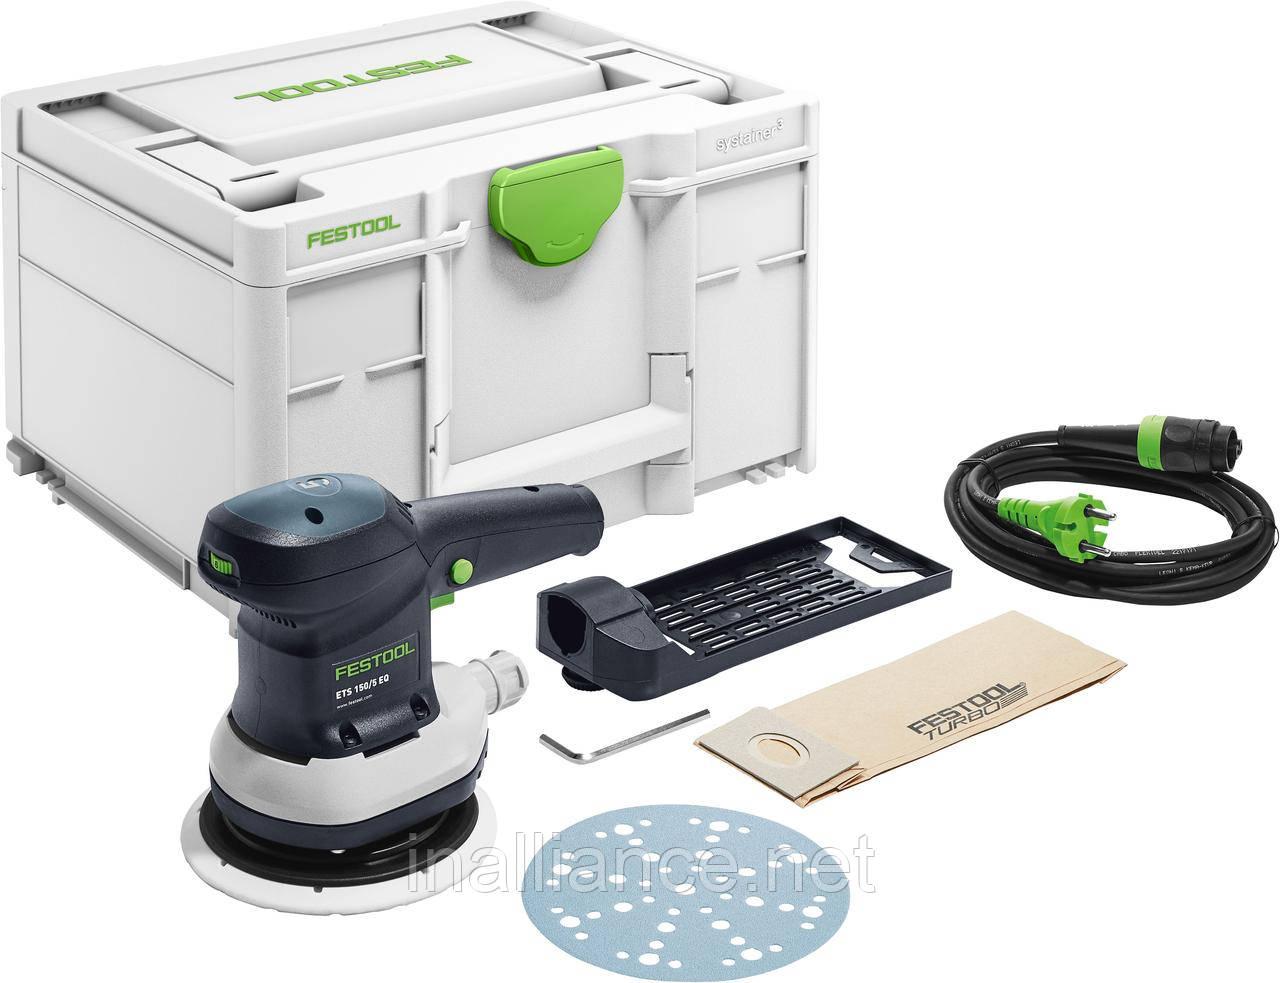 Эксцентриковая шлифовальная машинка ETS 150/5 EQ-Plus Festool 576080